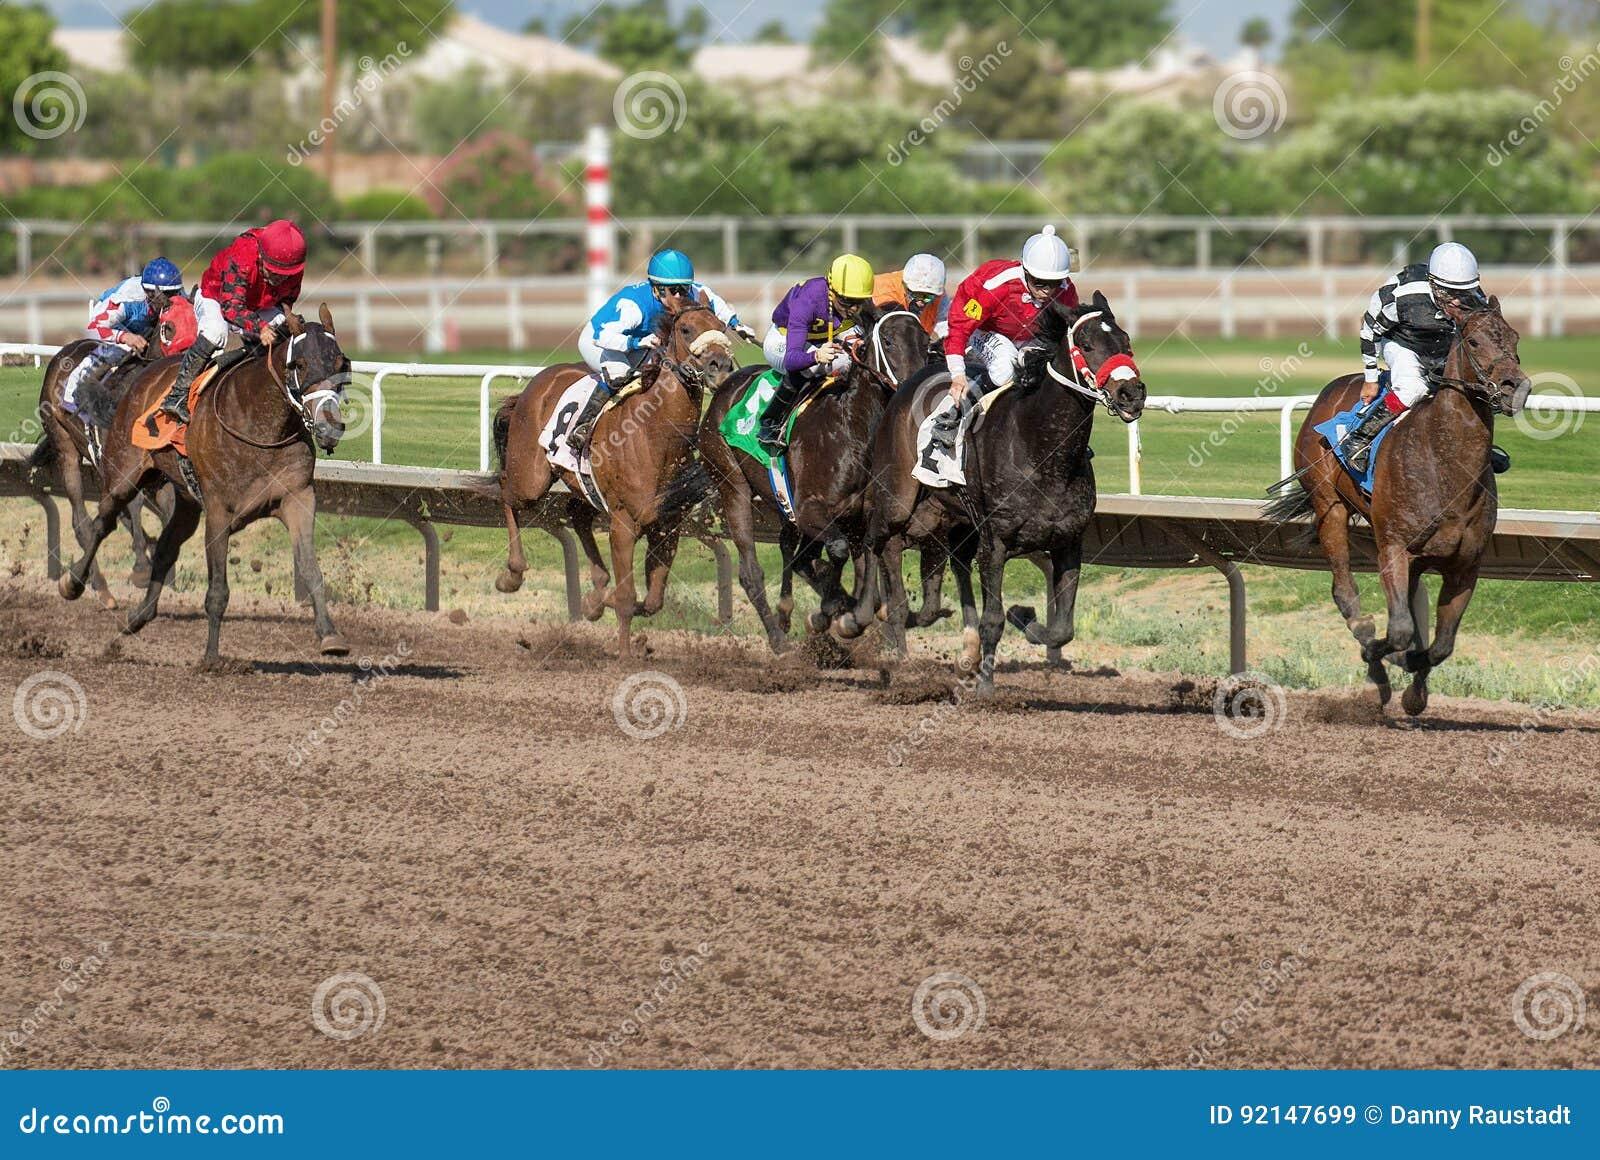 Laatste Paardenkoersen in Arizona tot Daling